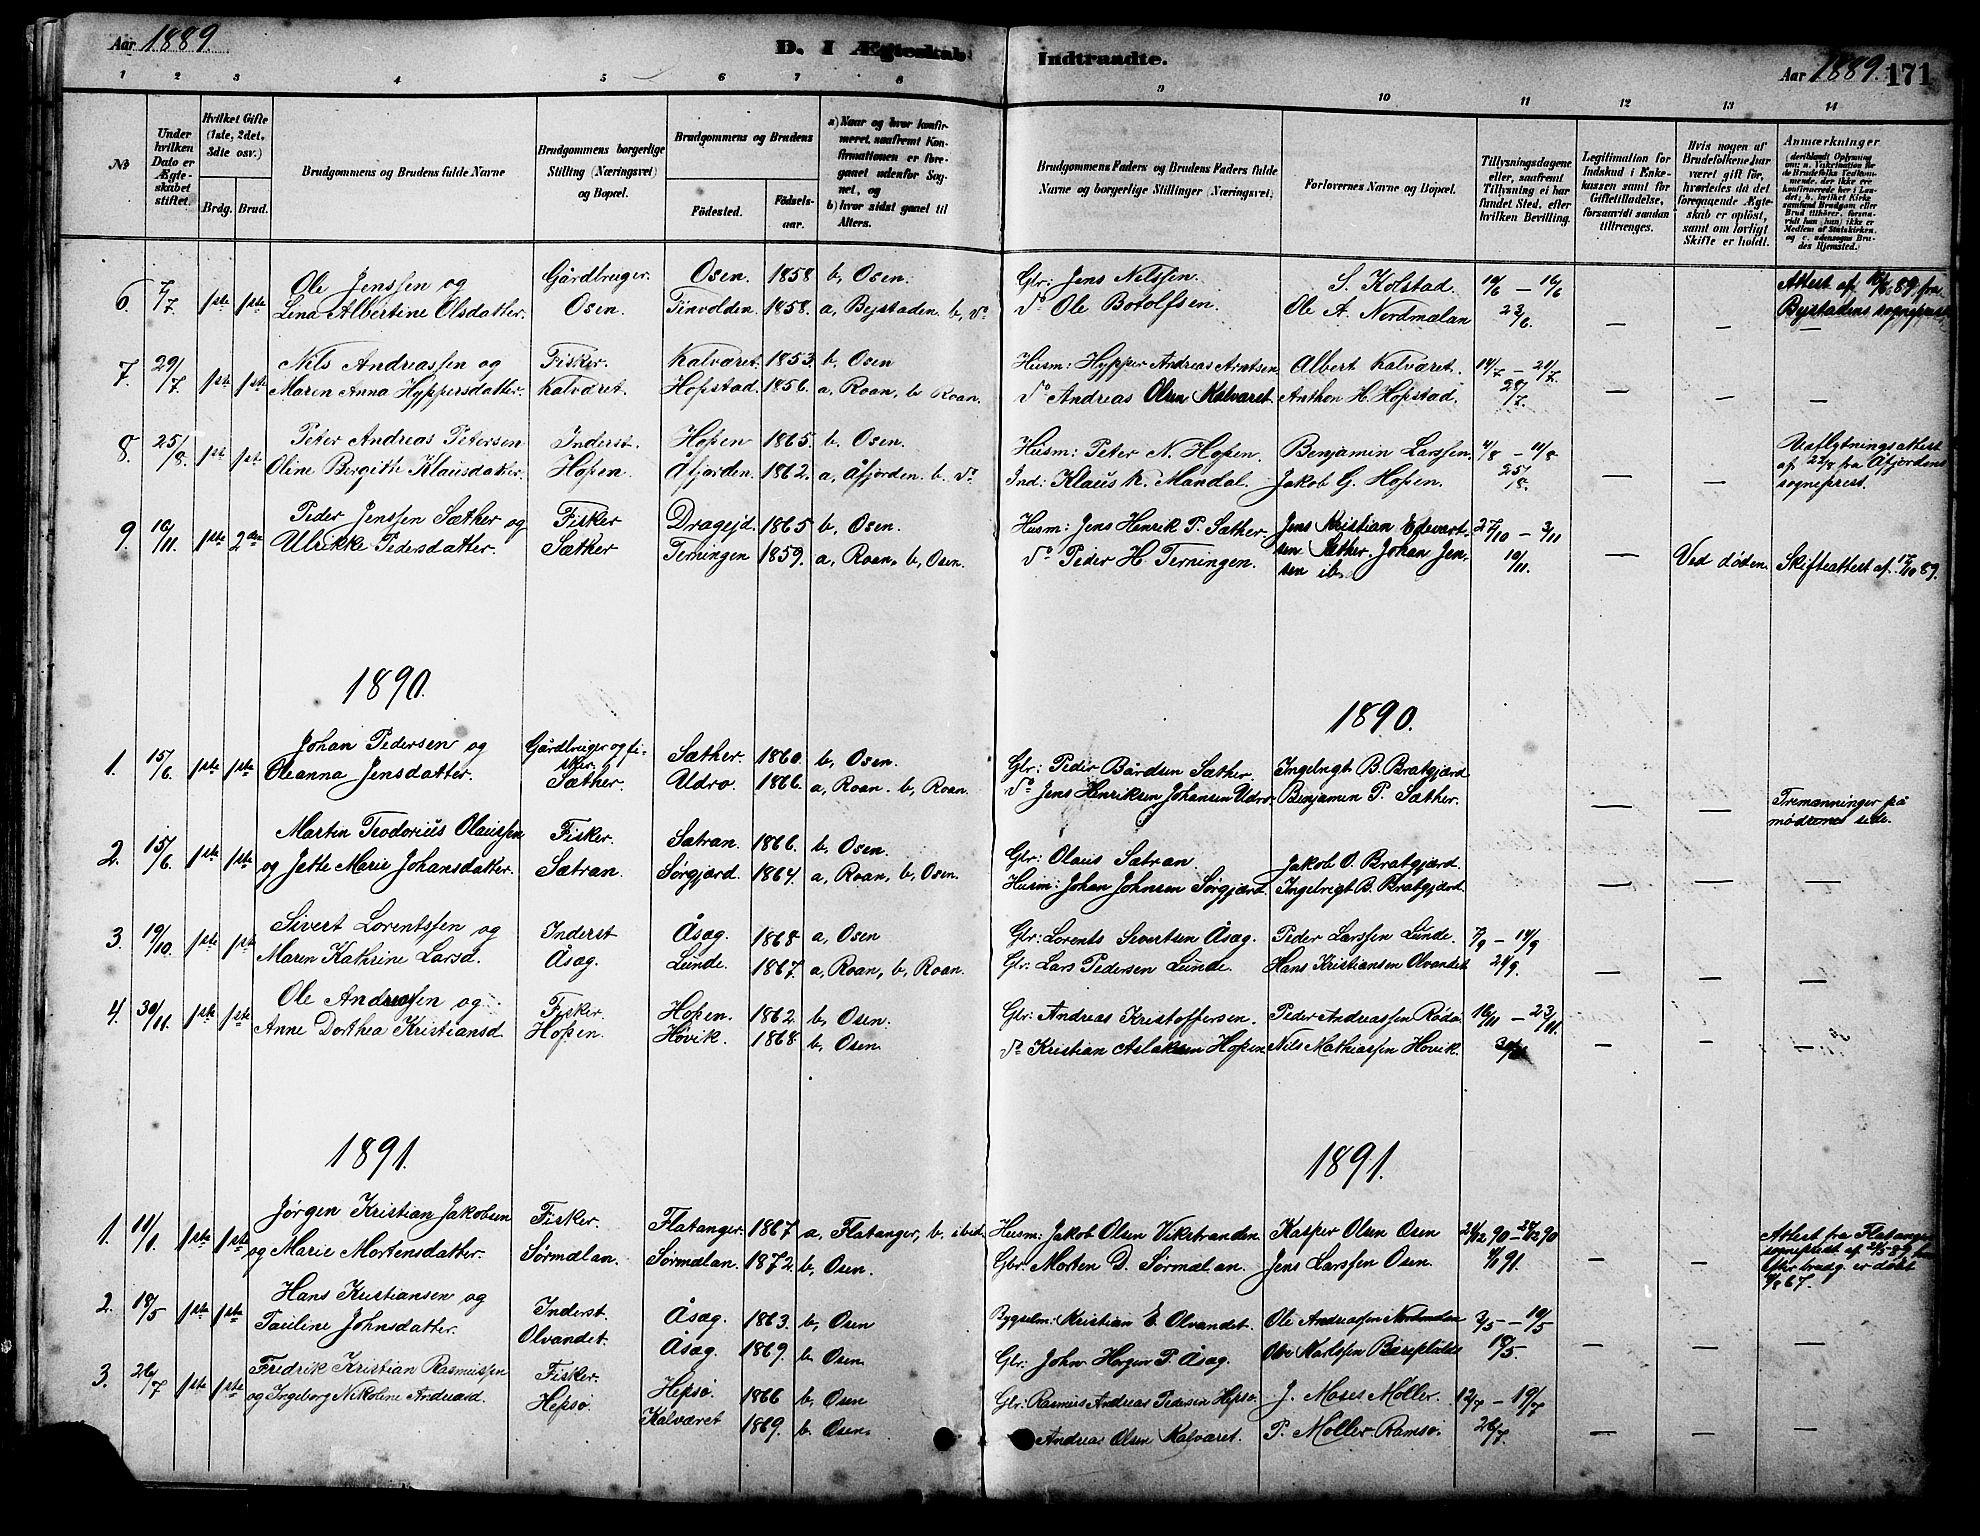 SAT, Ministerialprotokoller, klokkerbøker og fødselsregistre - Sør-Trøndelag, 658/L0726: Klokkerbok nr. 658C02, 1883-1908, s. 171